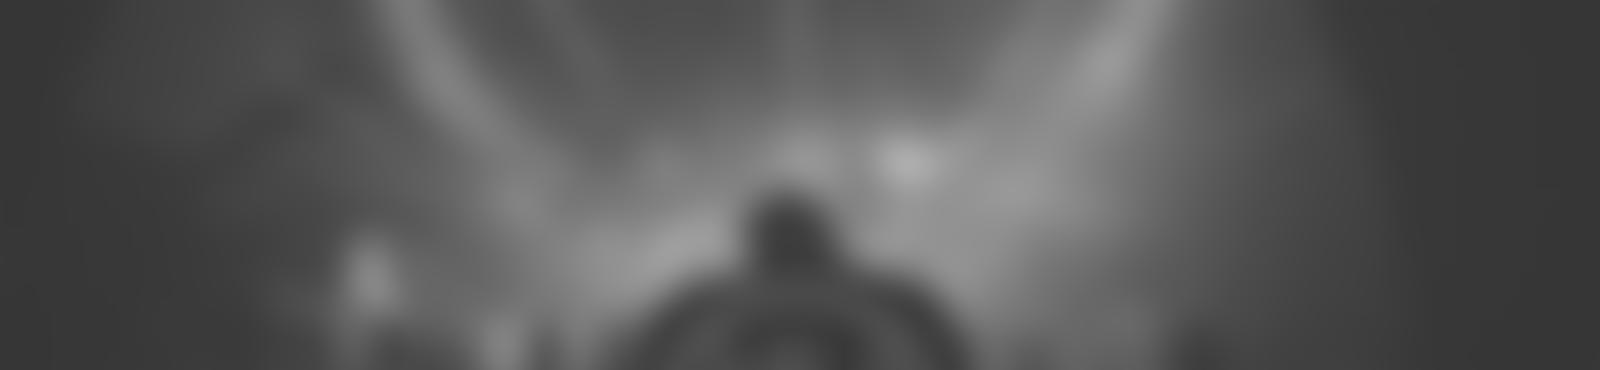 Blurred 11050847 825328540854313 2812507806152974581 n